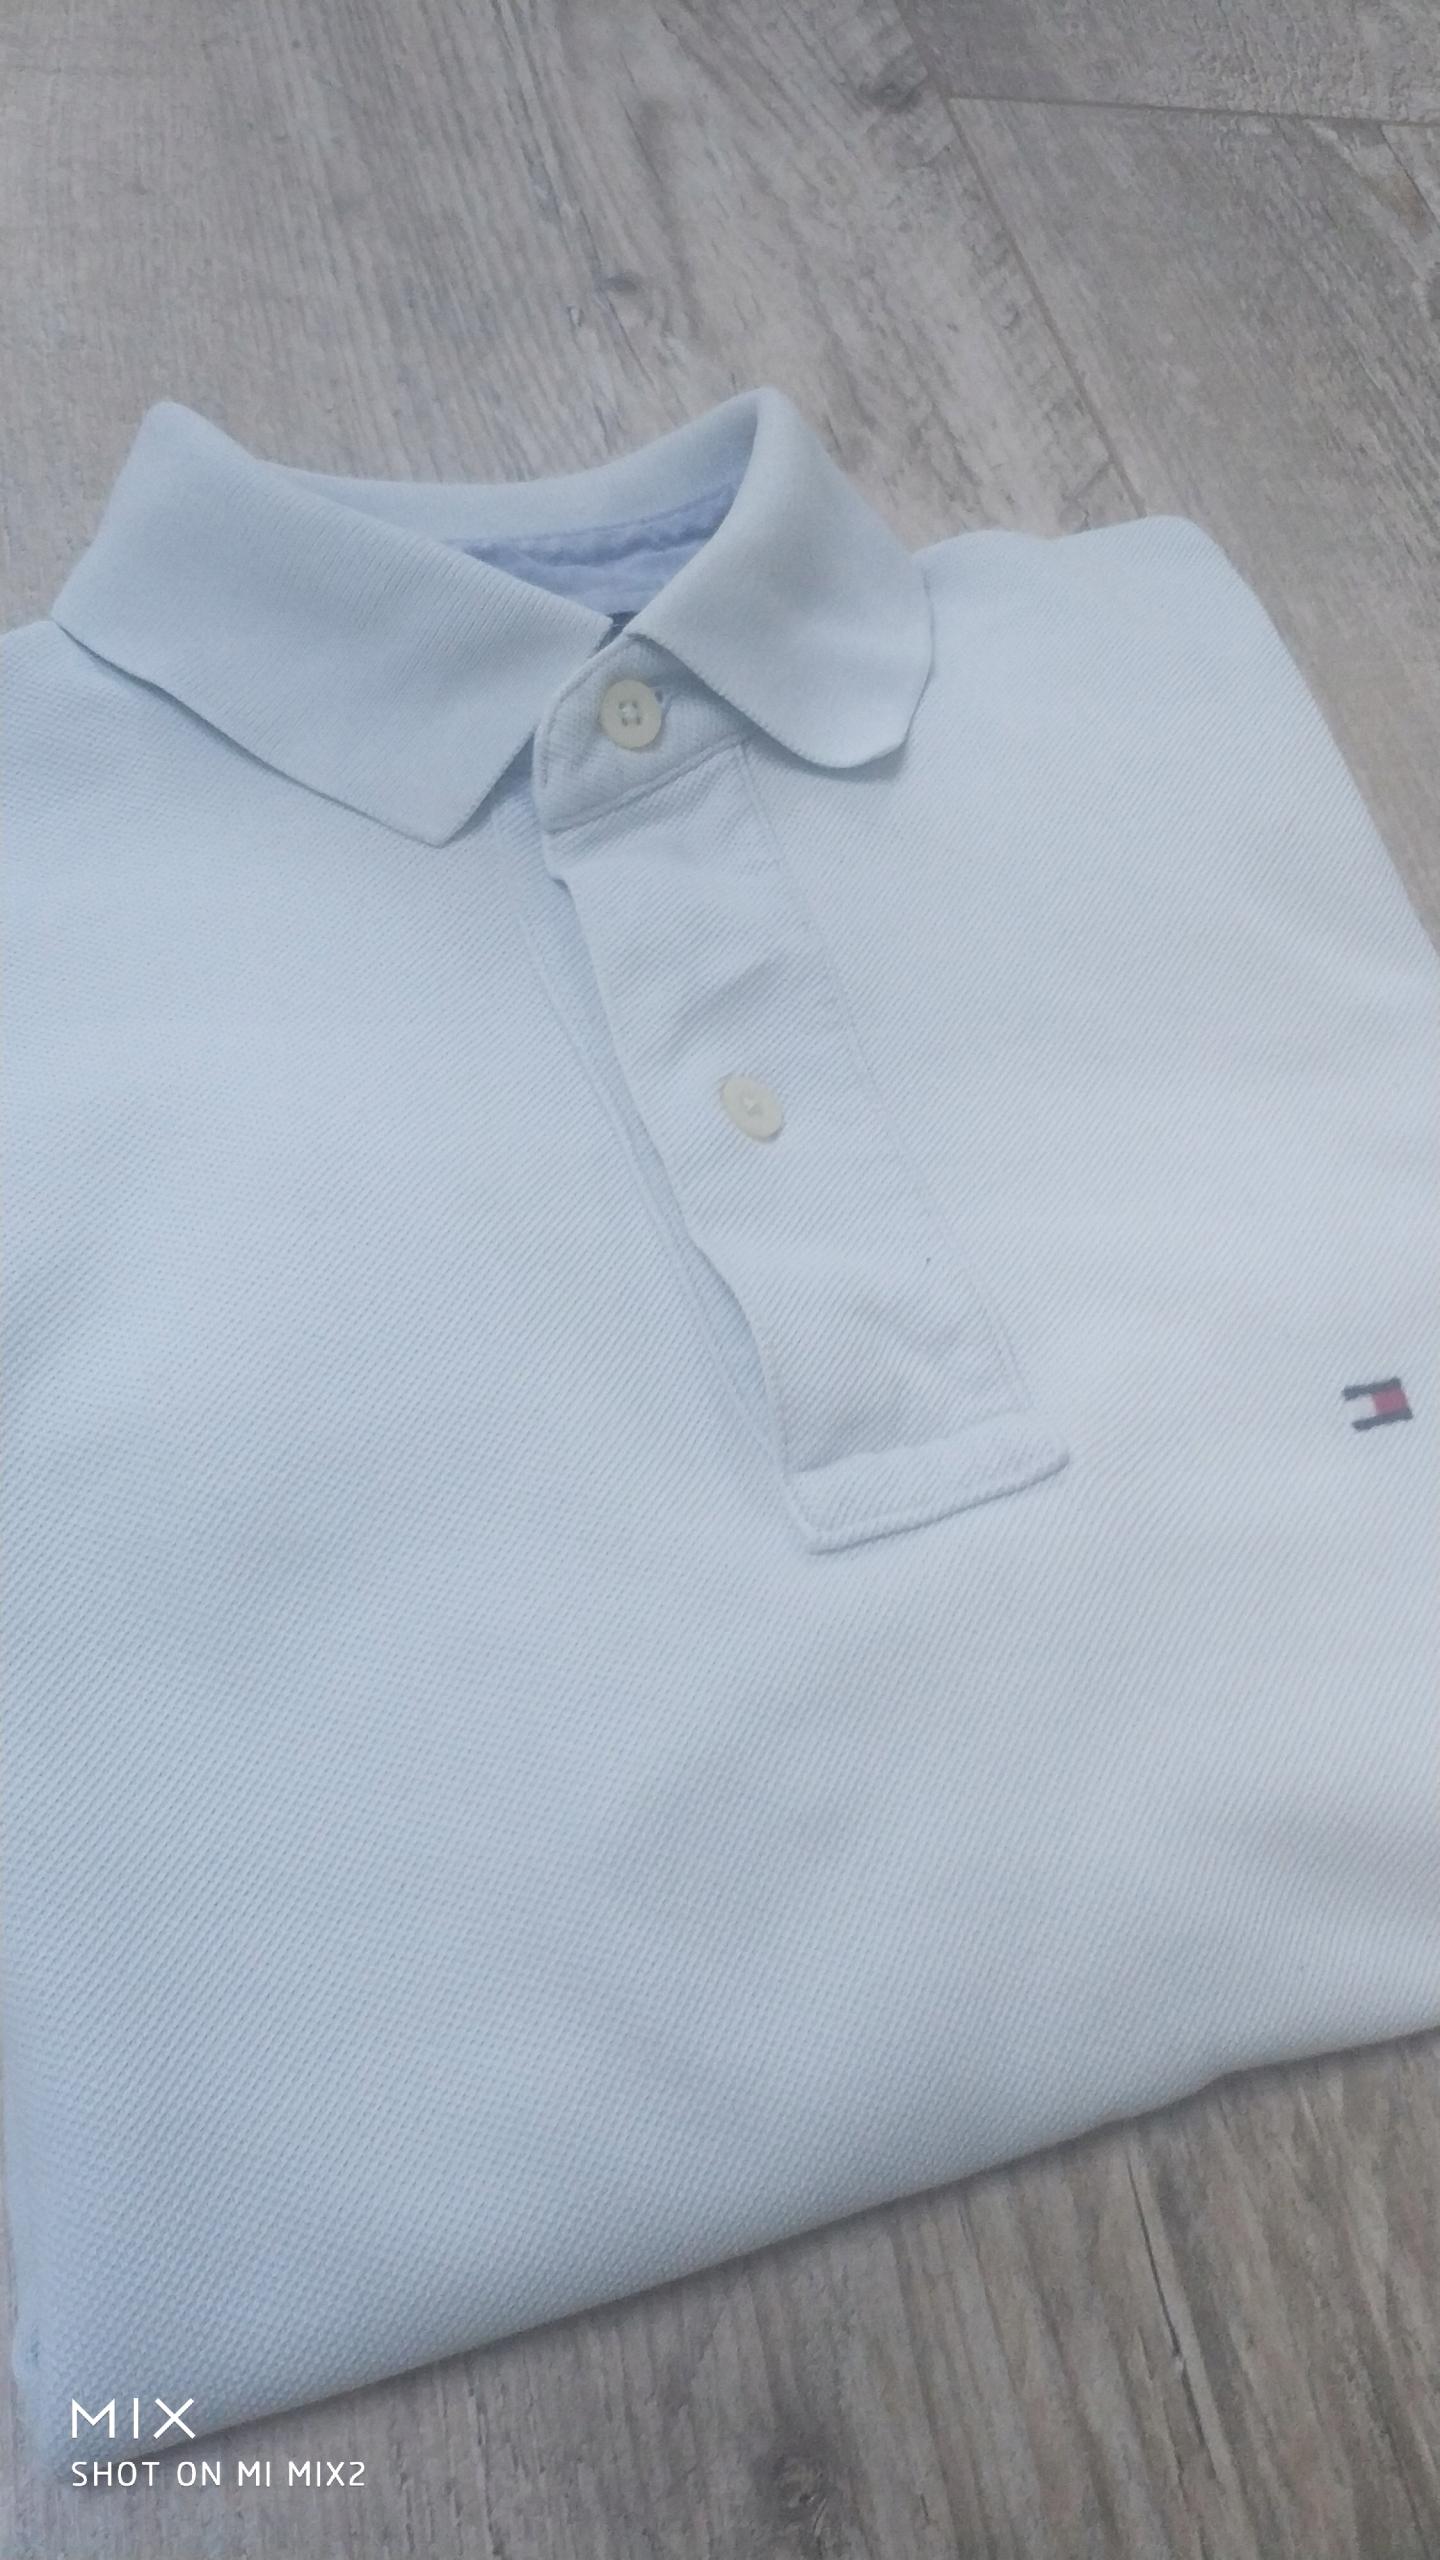 Koszulka Polo Tommy Hilfiger ORGINALNE Rozmiar S